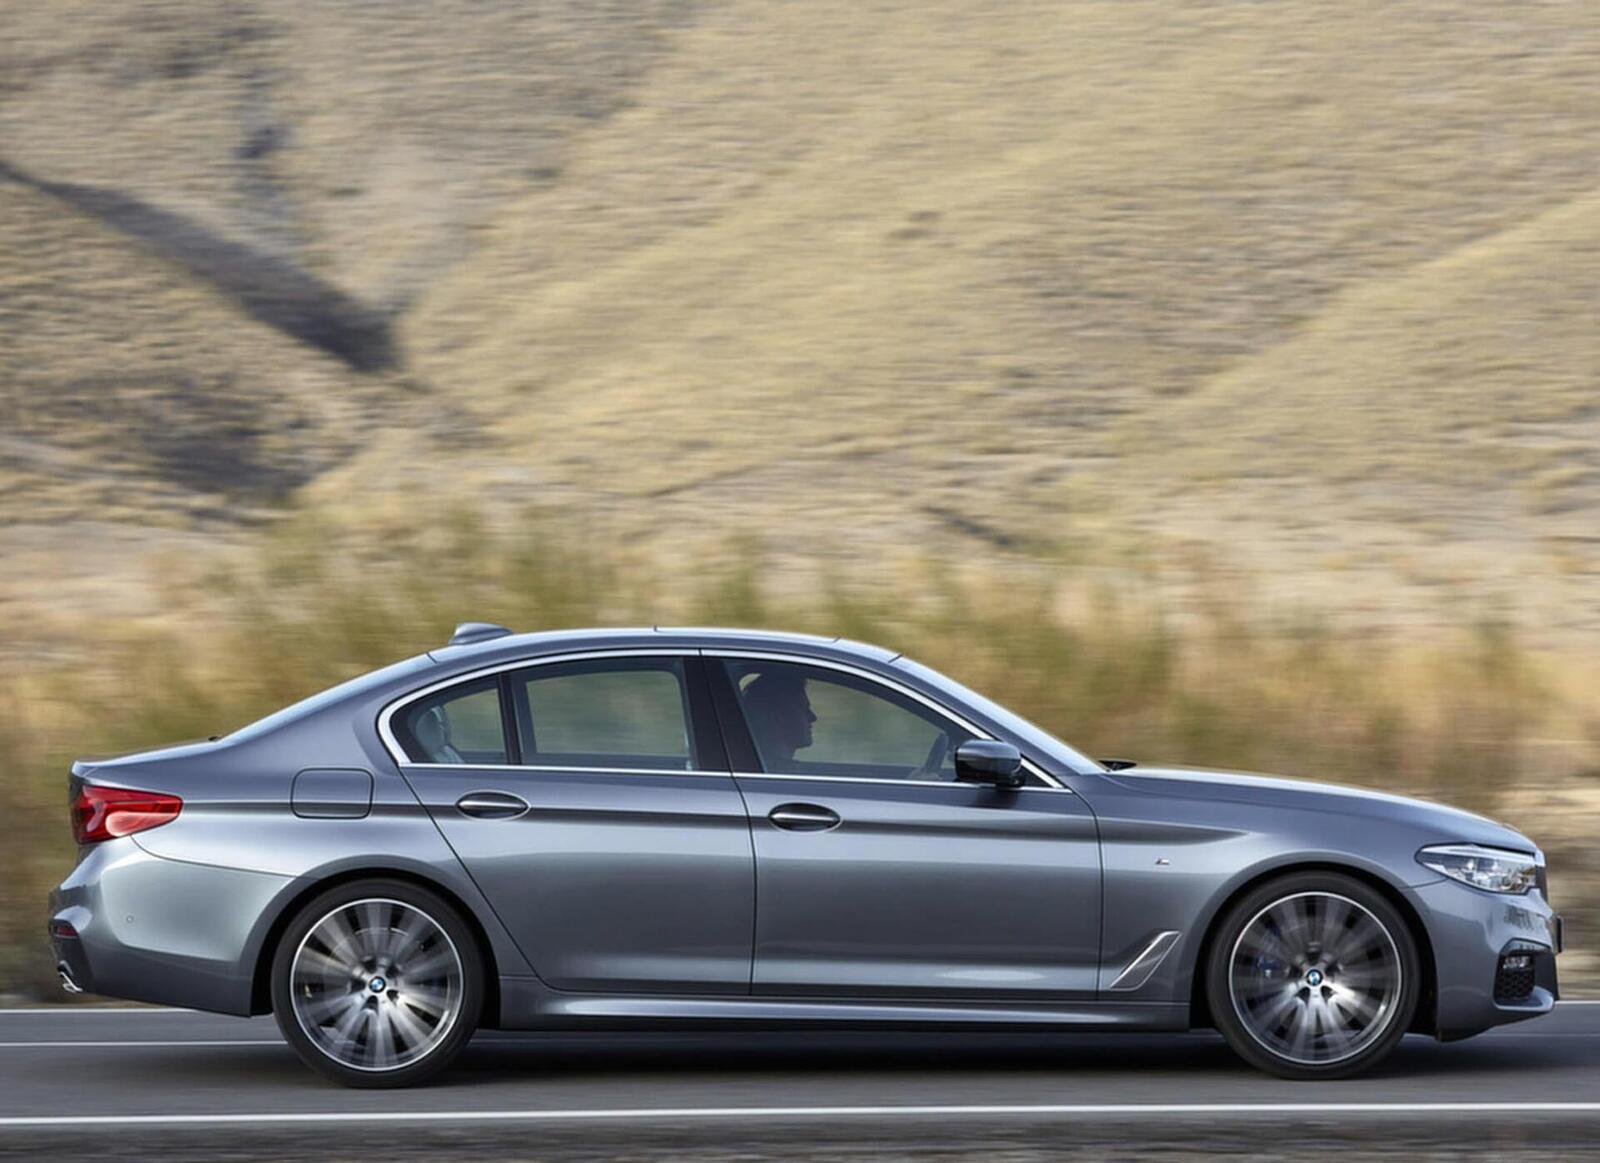 Lộ giá bán của BMW 520i và 530i thế hệ mới tại Việt Nam; từ 2,389 đến 3,069 tỷ đồng - Hình 7